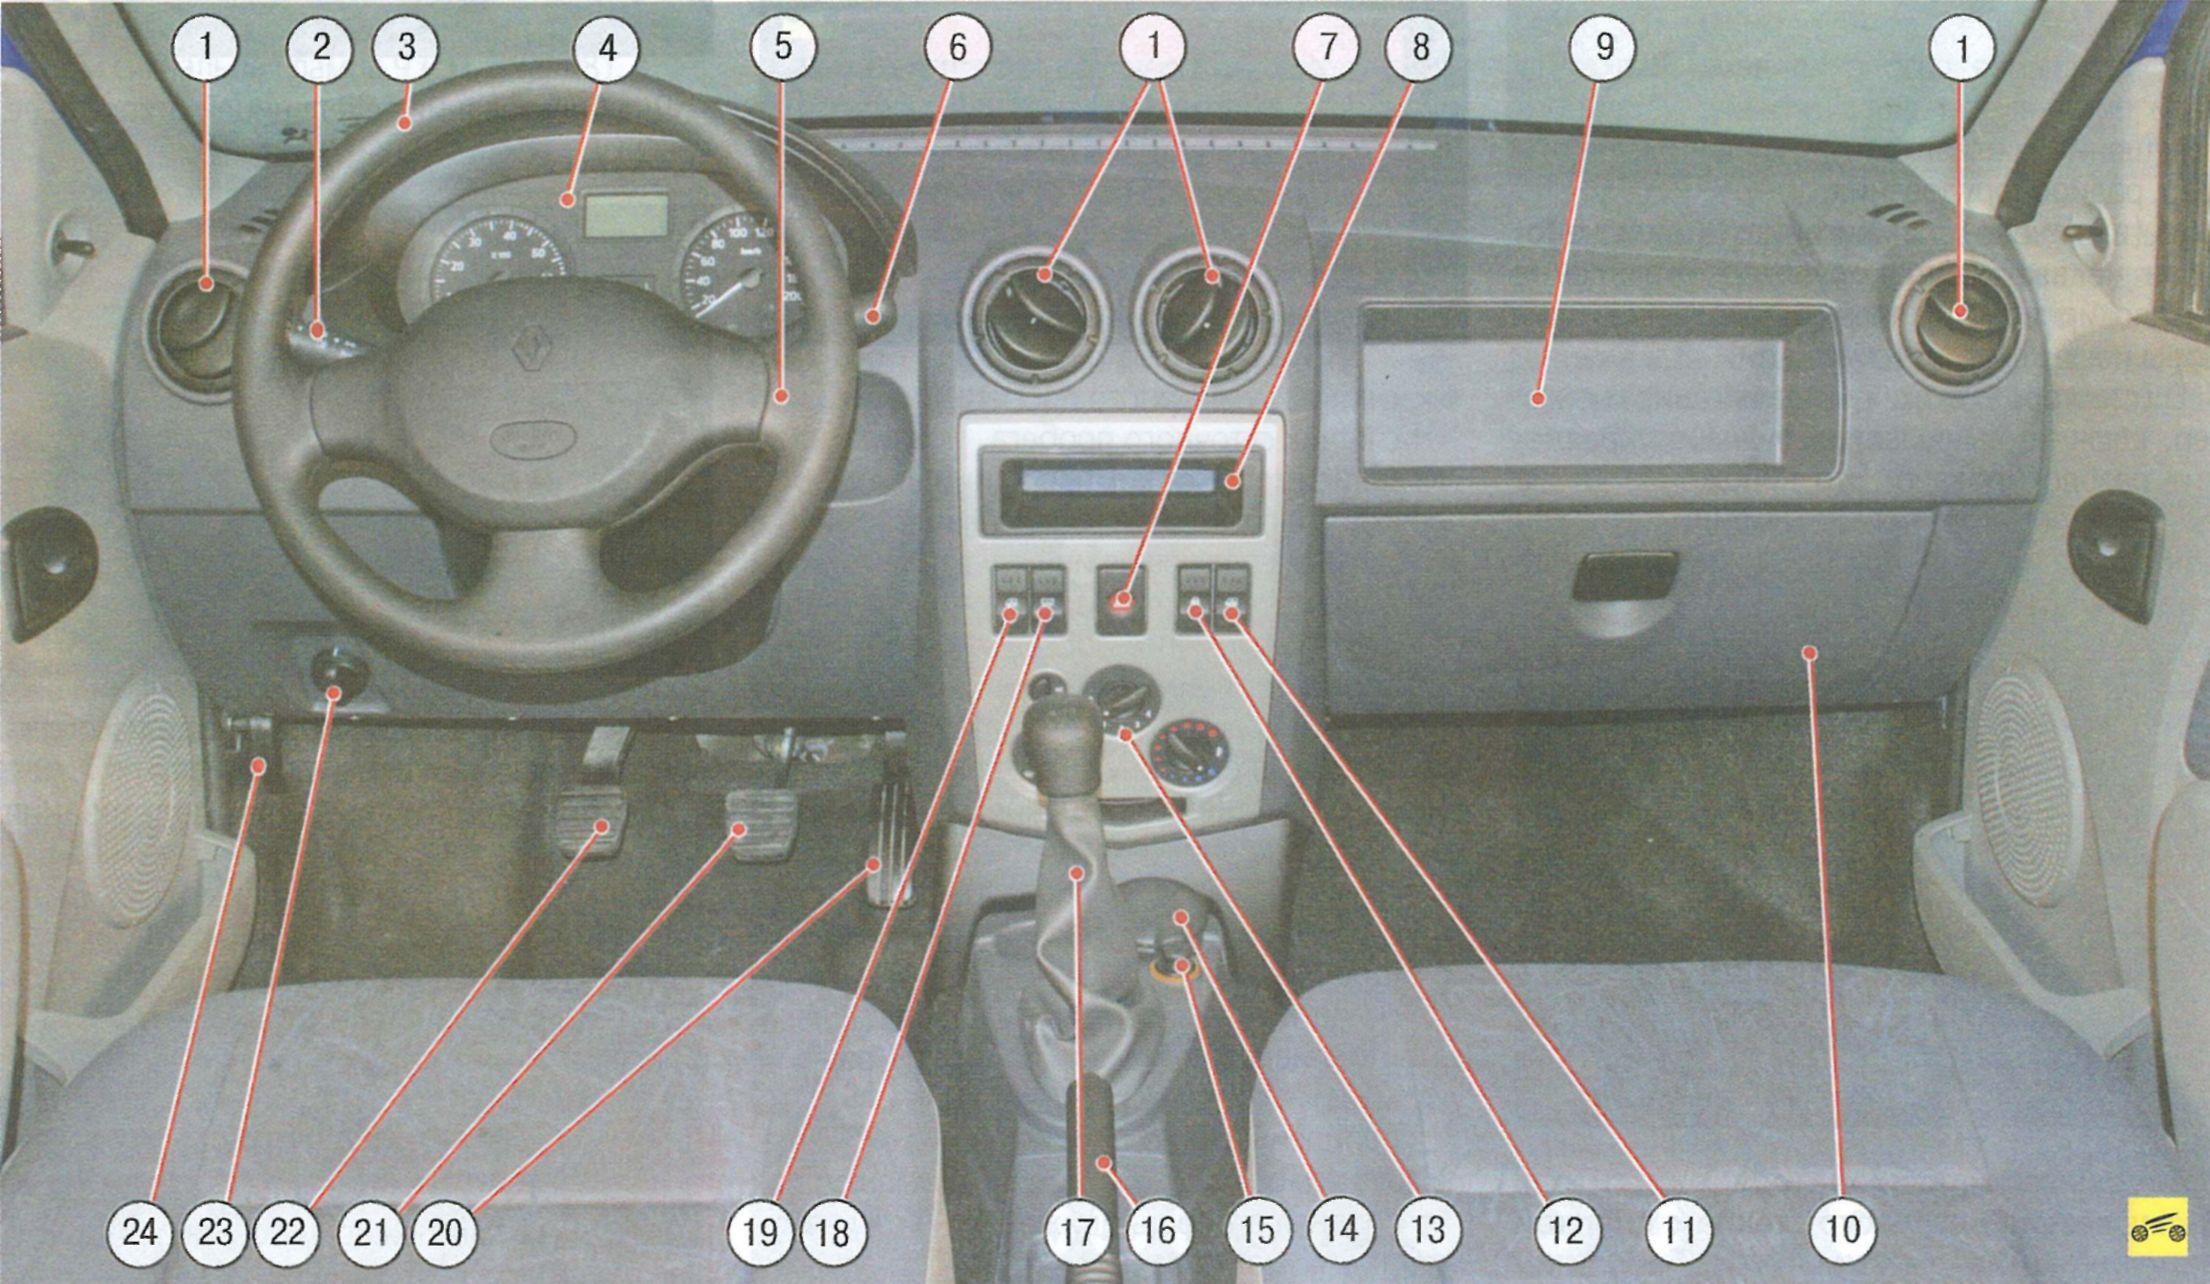 Рис. 1.7 Панель приборов и органя управления в Dacia (Renault) Logan.  На панели приборов расположены следующие...